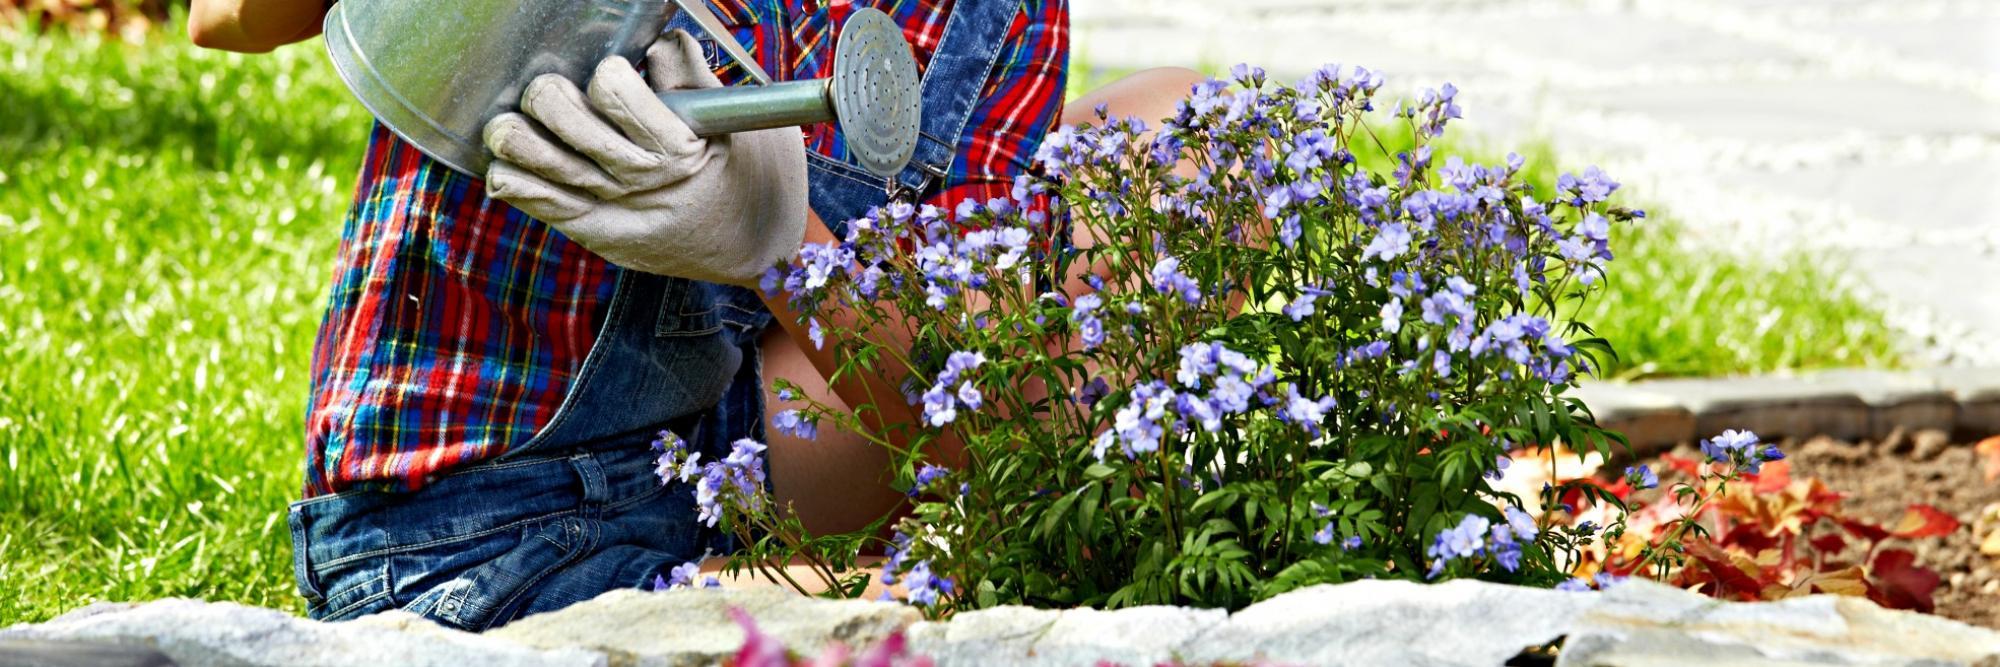 jardinage a domicile